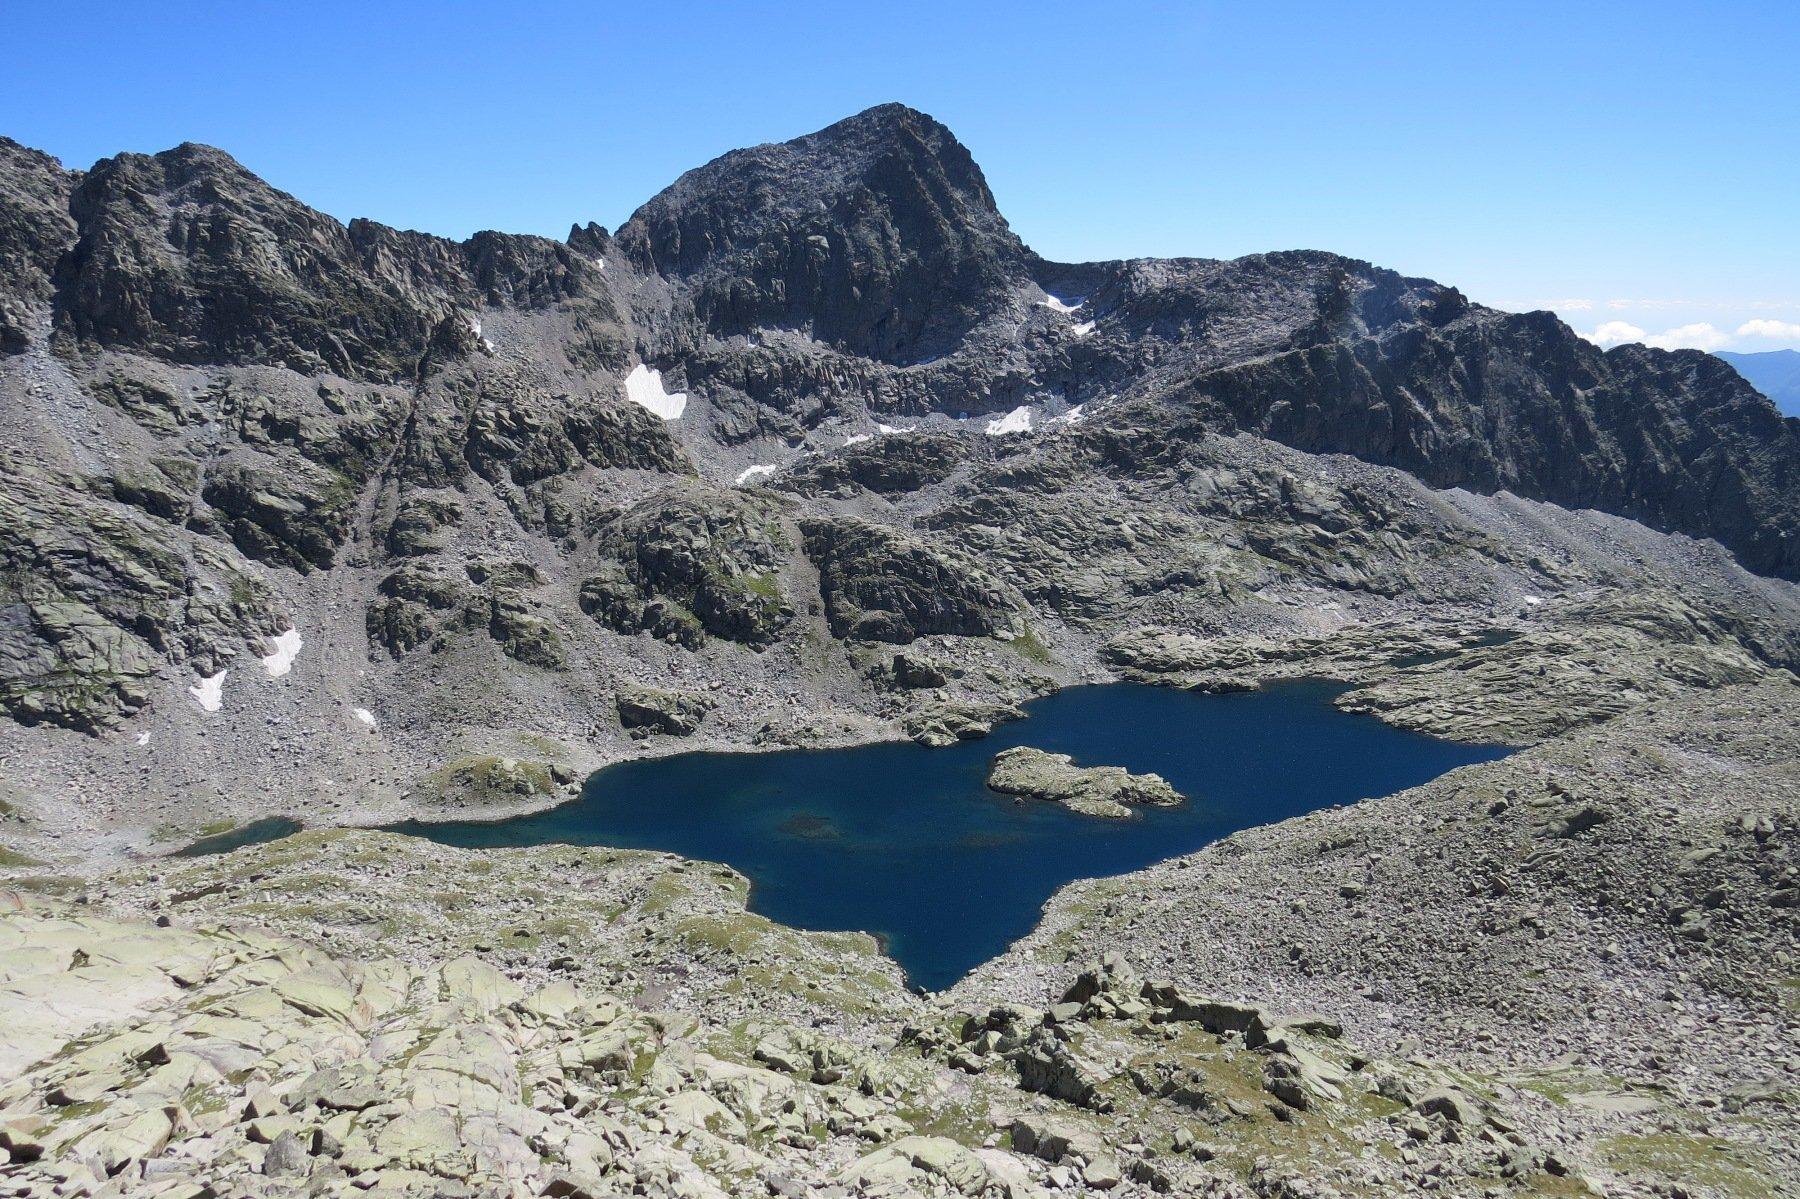 Vista dall'alto del Lago della Motta